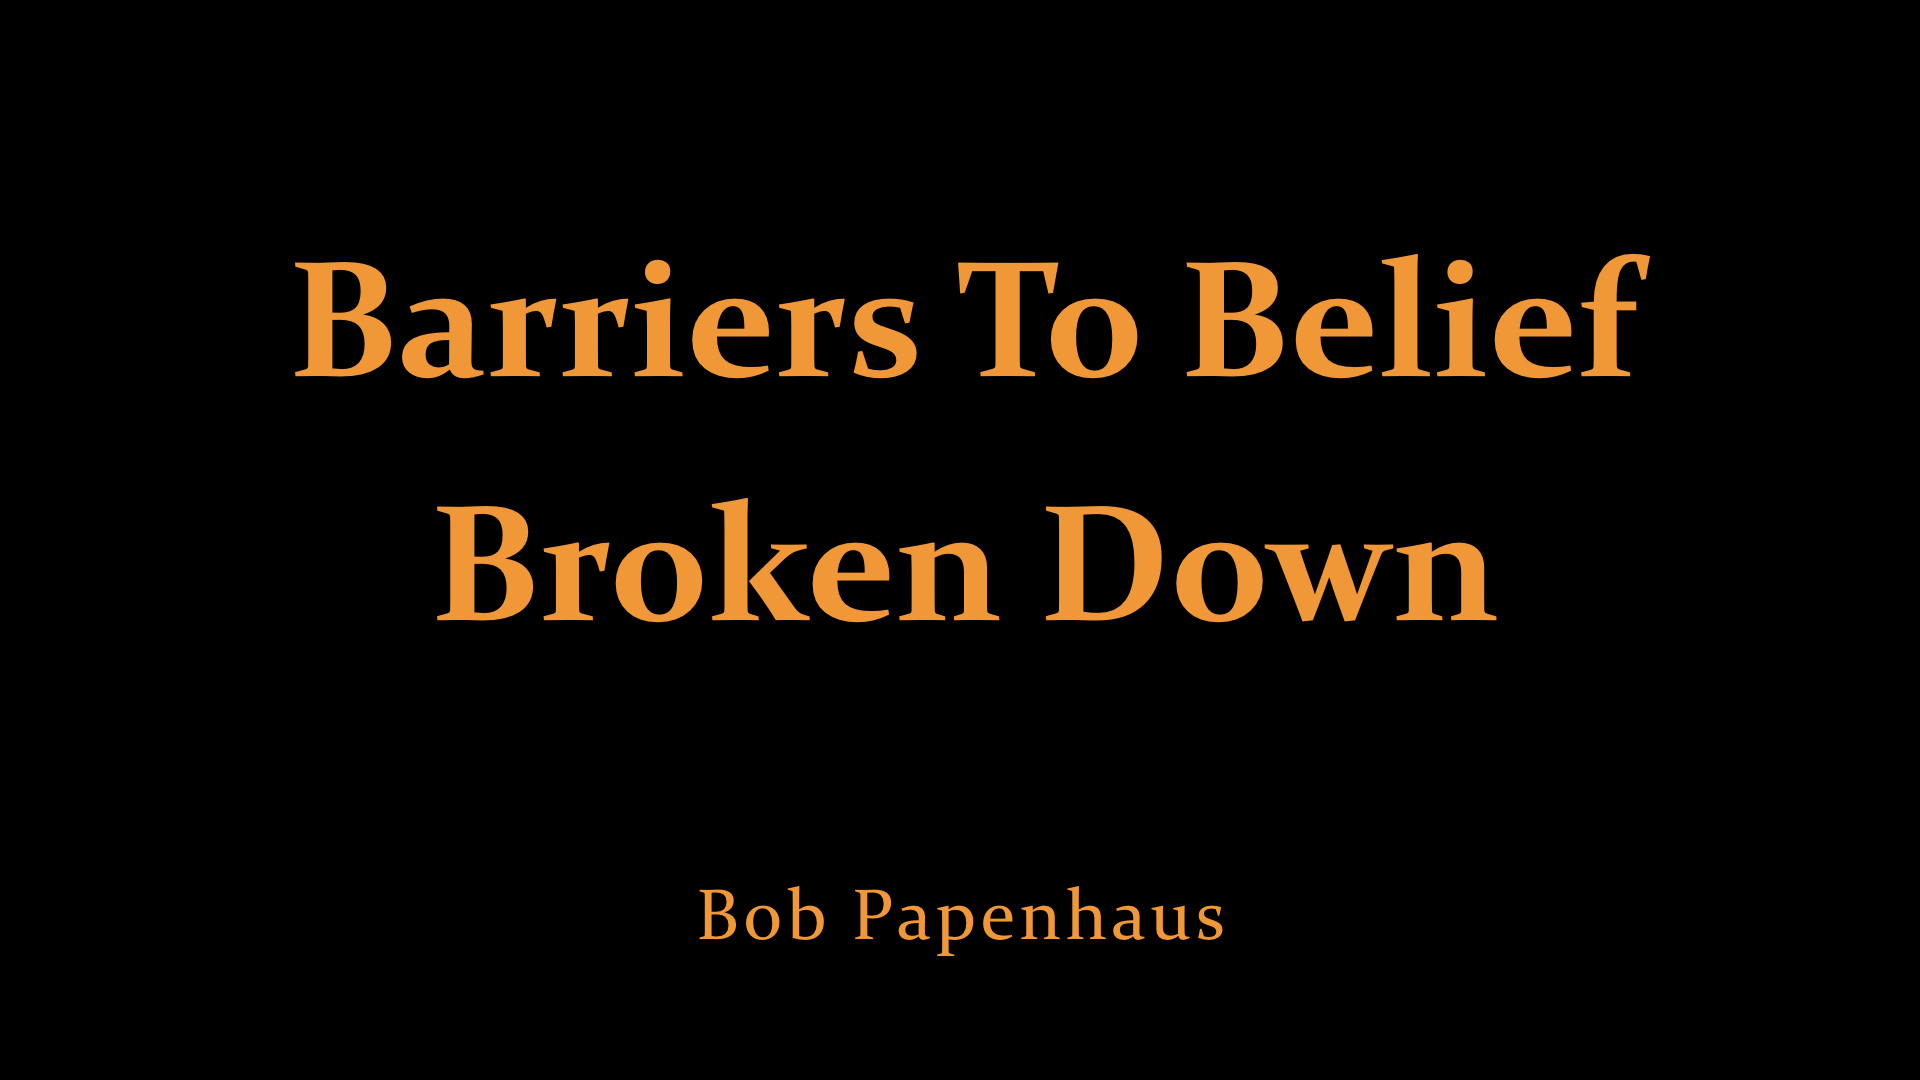 Bob Papenhaus - Barriers To Belief Broken Down.jpeg